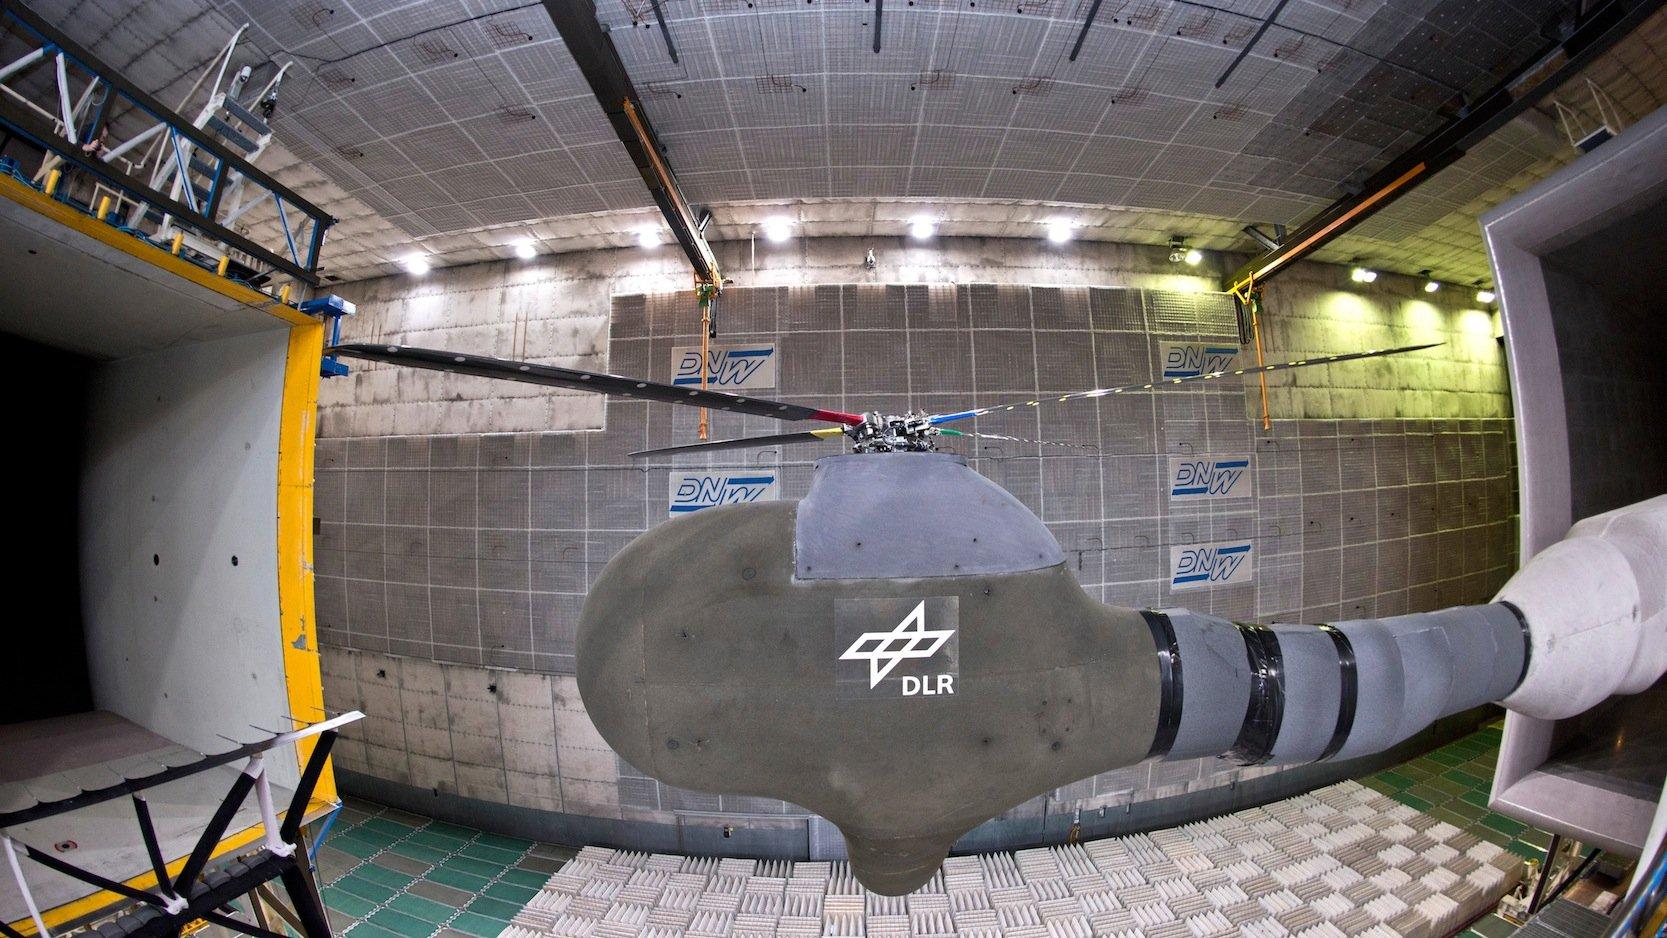 Windkanal mit einem vom DLR entwickelten Versuchsaufbau für Hubschrauberrotoren: Die neuartige Antriebstechnik macht die Rotoren nicht nur leiser, sondern reduziert auch die unangenehmen Vibrationen im Hubschrauber.